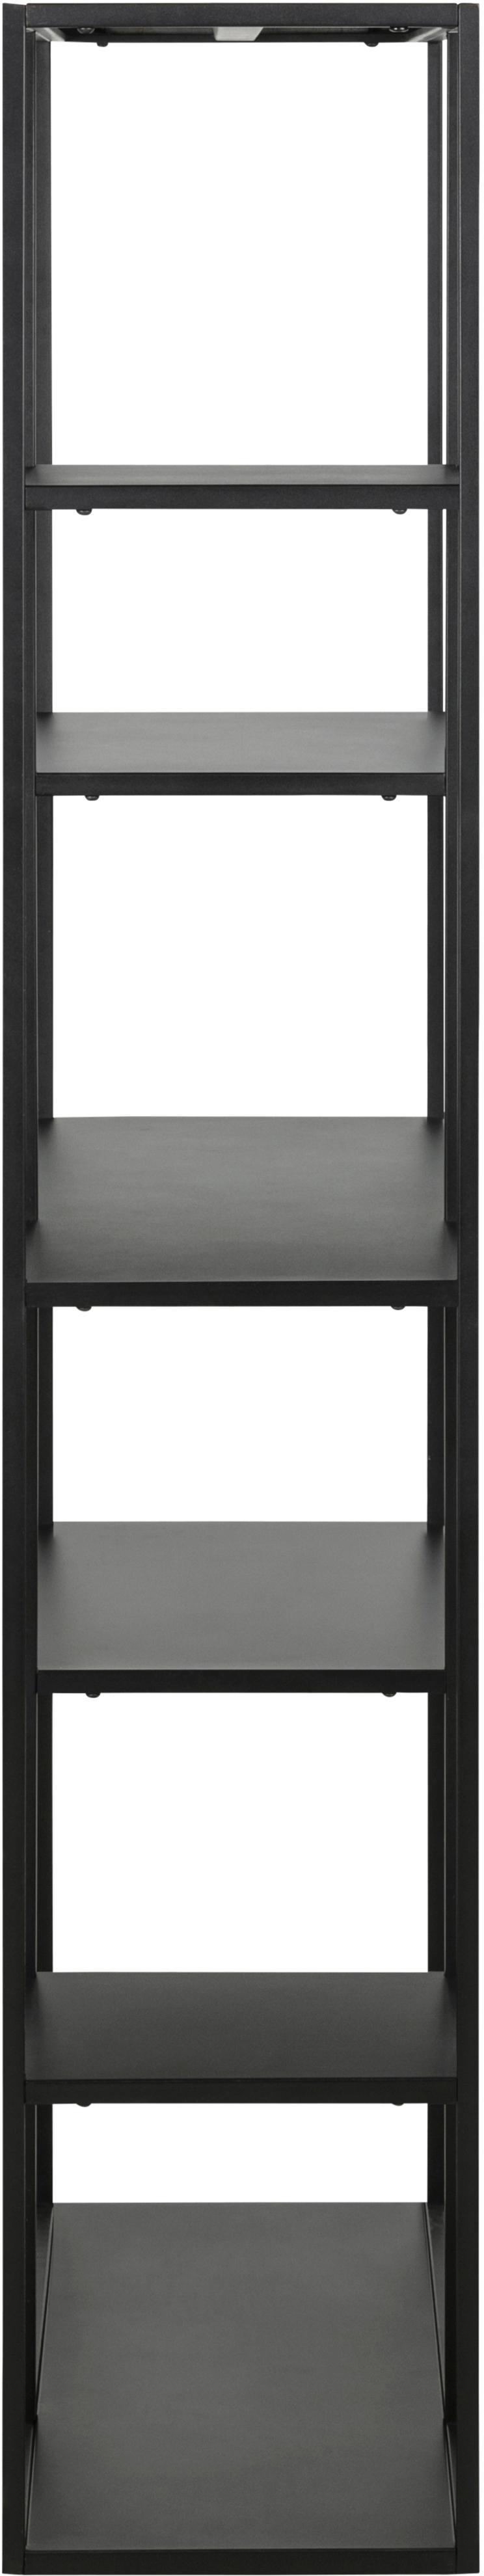 Metall-Regal Newton in Schwarz, Metall, pulverbeschichtet, Schwarz, 80 x 164 cm